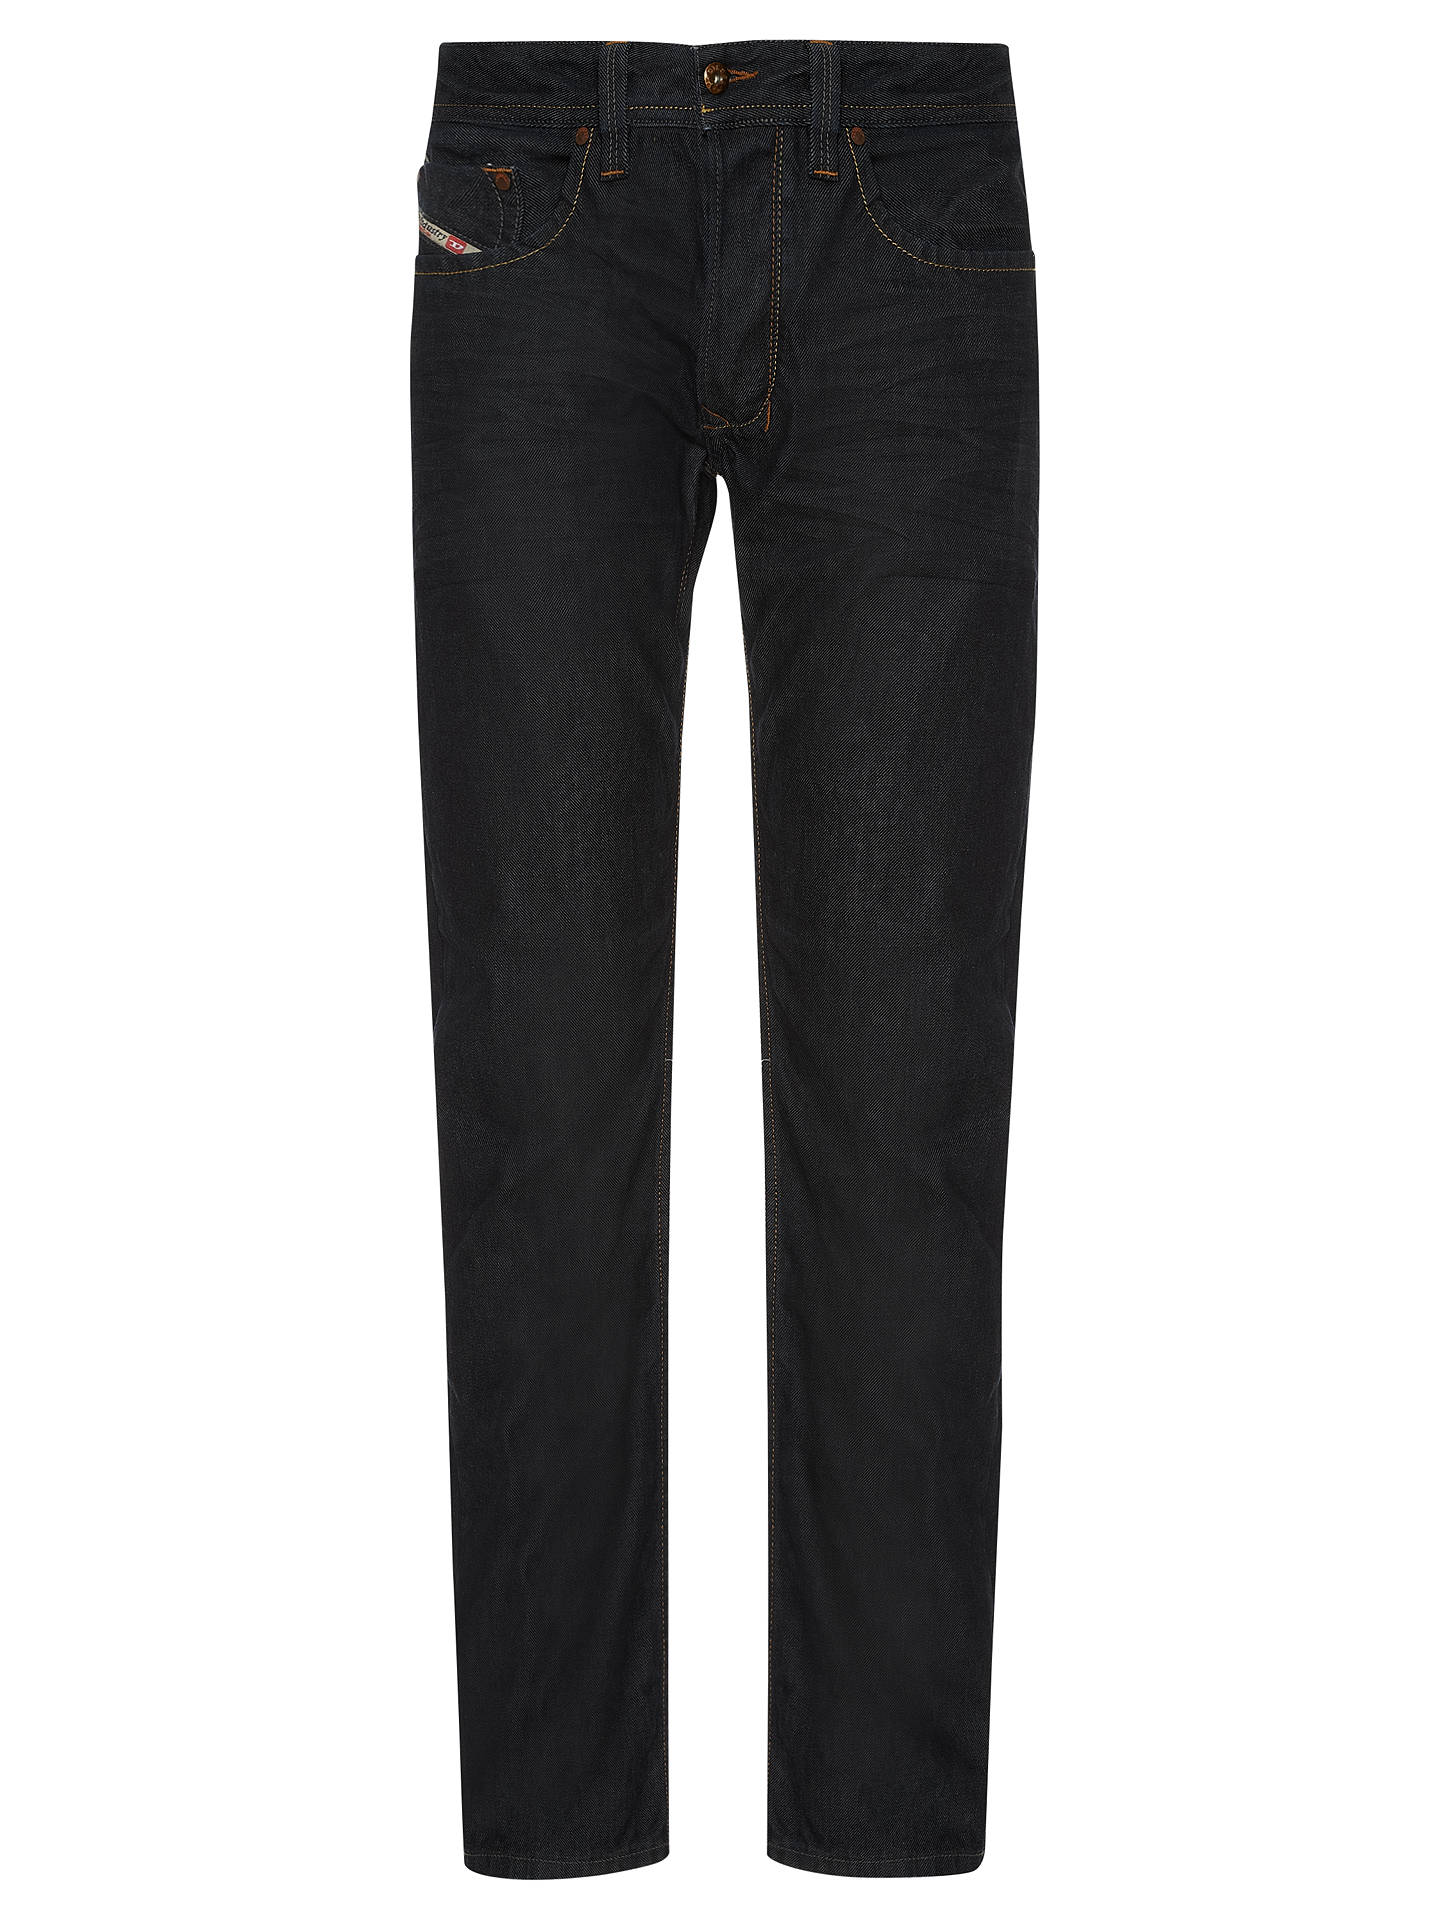 2daf2a09 Buy Diesel Zatiny 0800Z Bootcut Jeans, Blue, 32R Online at johnlewis.com ...